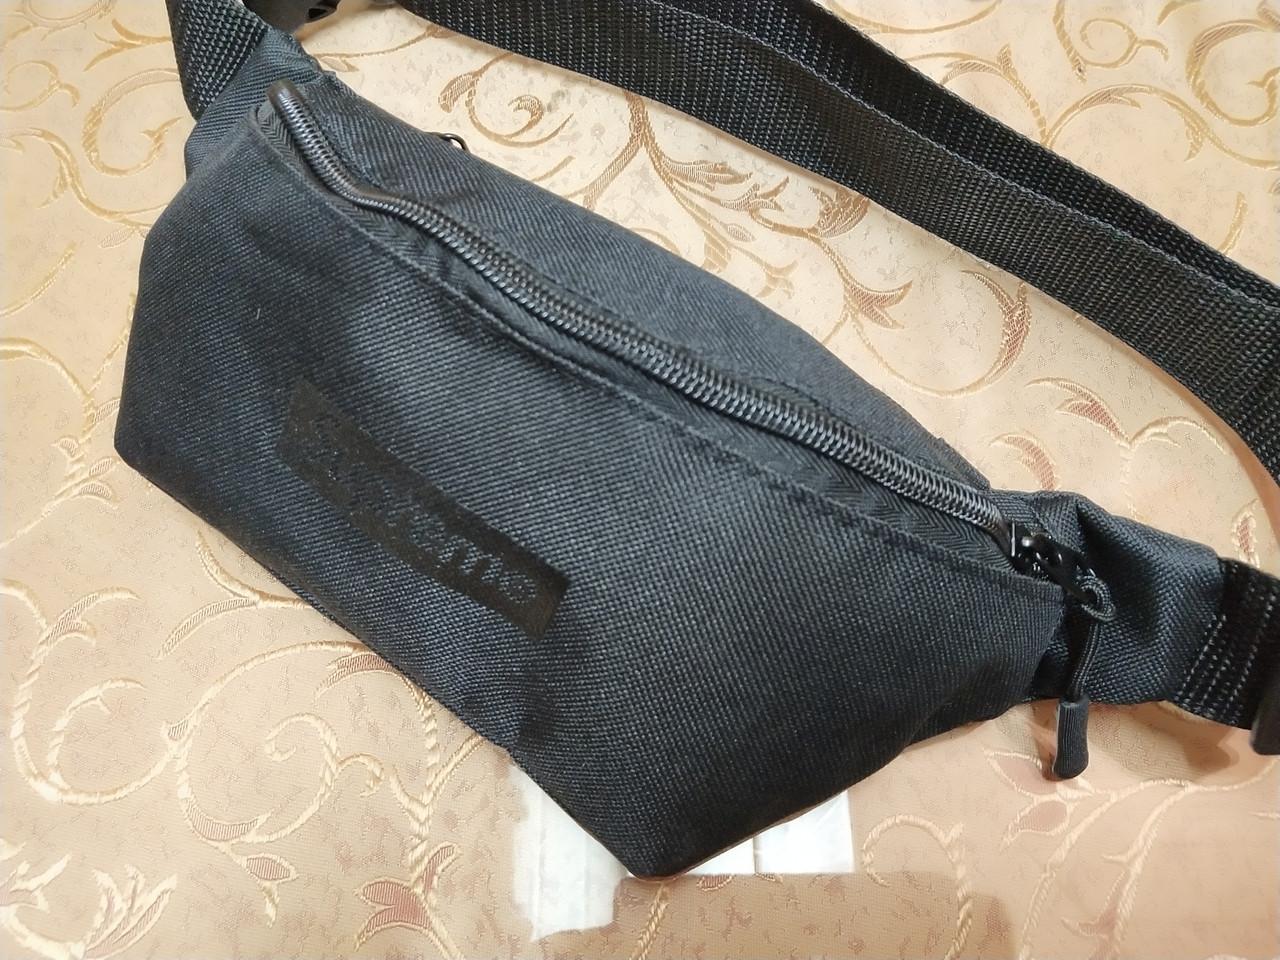 Сумка на пояс Supreme 600D/Спортивные барсетки сумка женский и мужские пояс Бананка оптом